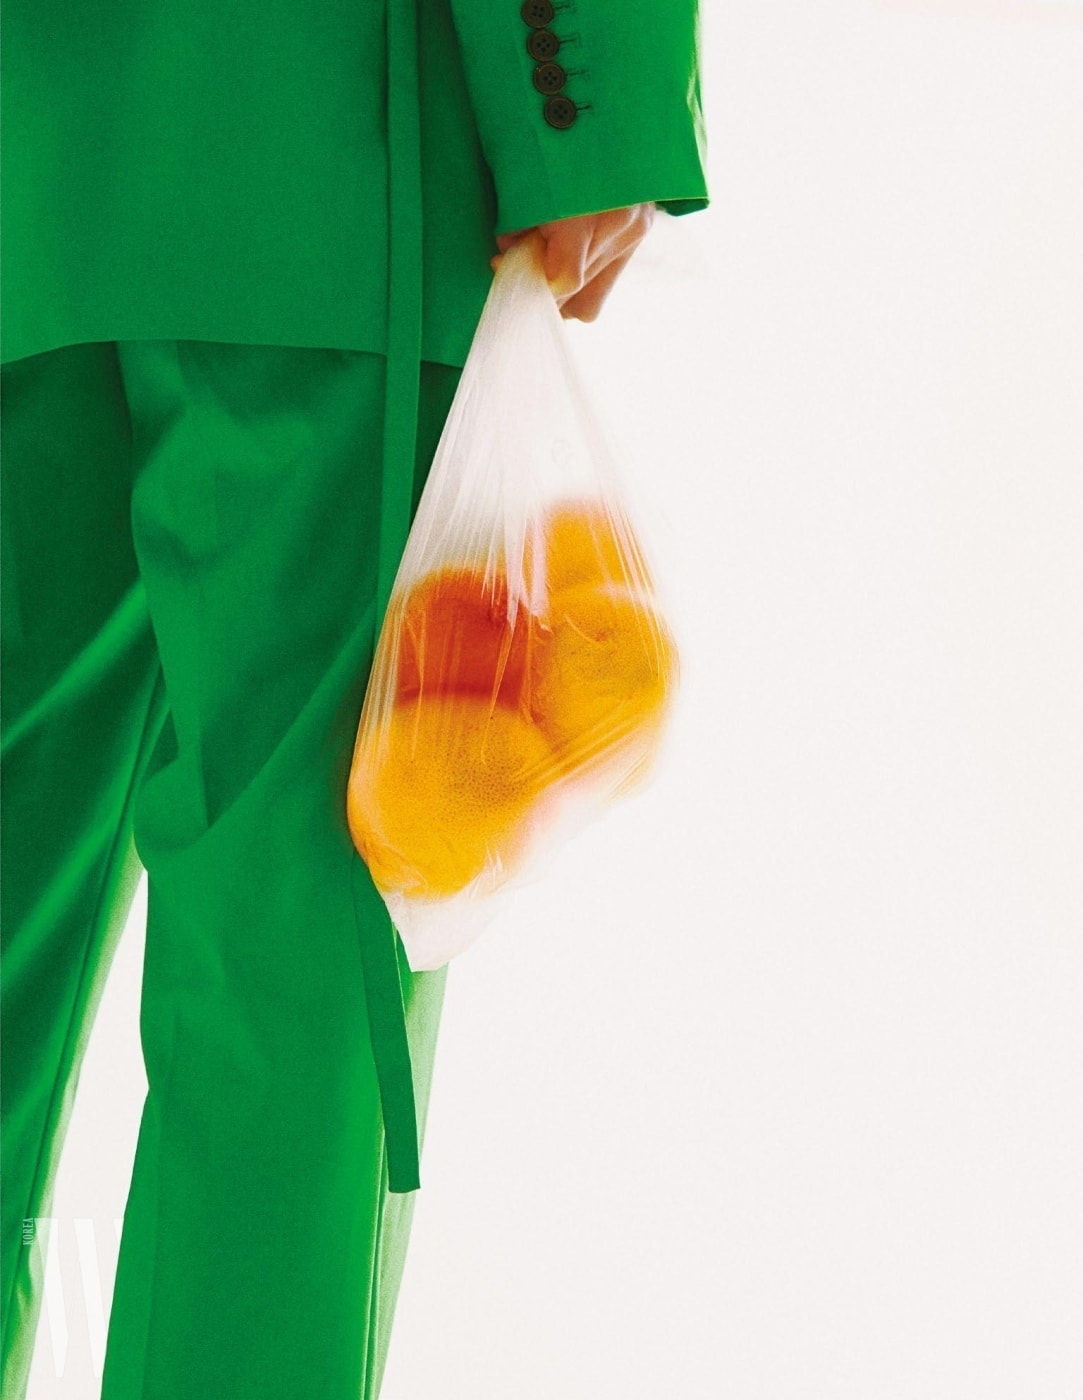 초록색 슈트는 Nohant, 노란색 니트는 Boss, 스니커즈는 Dior Homme 제품.